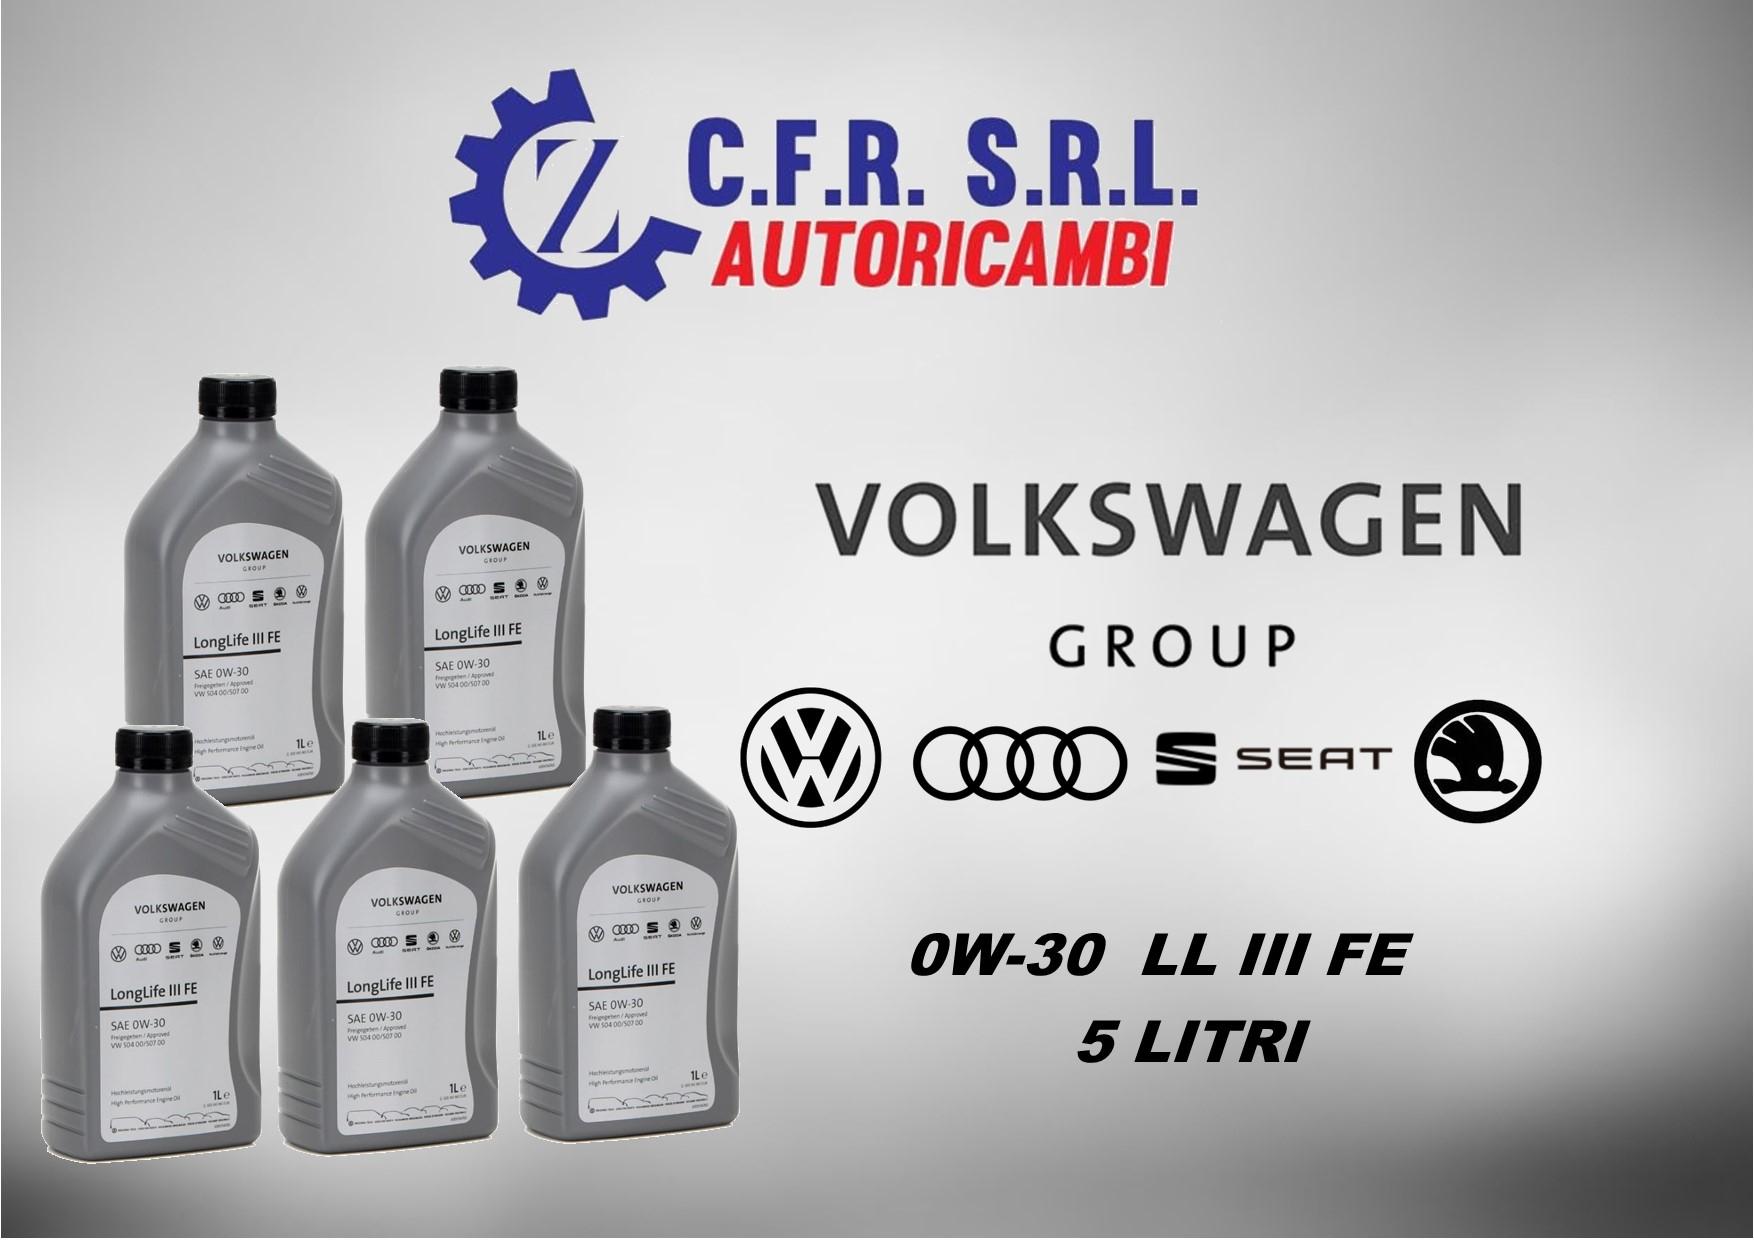 5PZ OLIO LUBRIFICANTE VW 0W-30 ORIGINALE